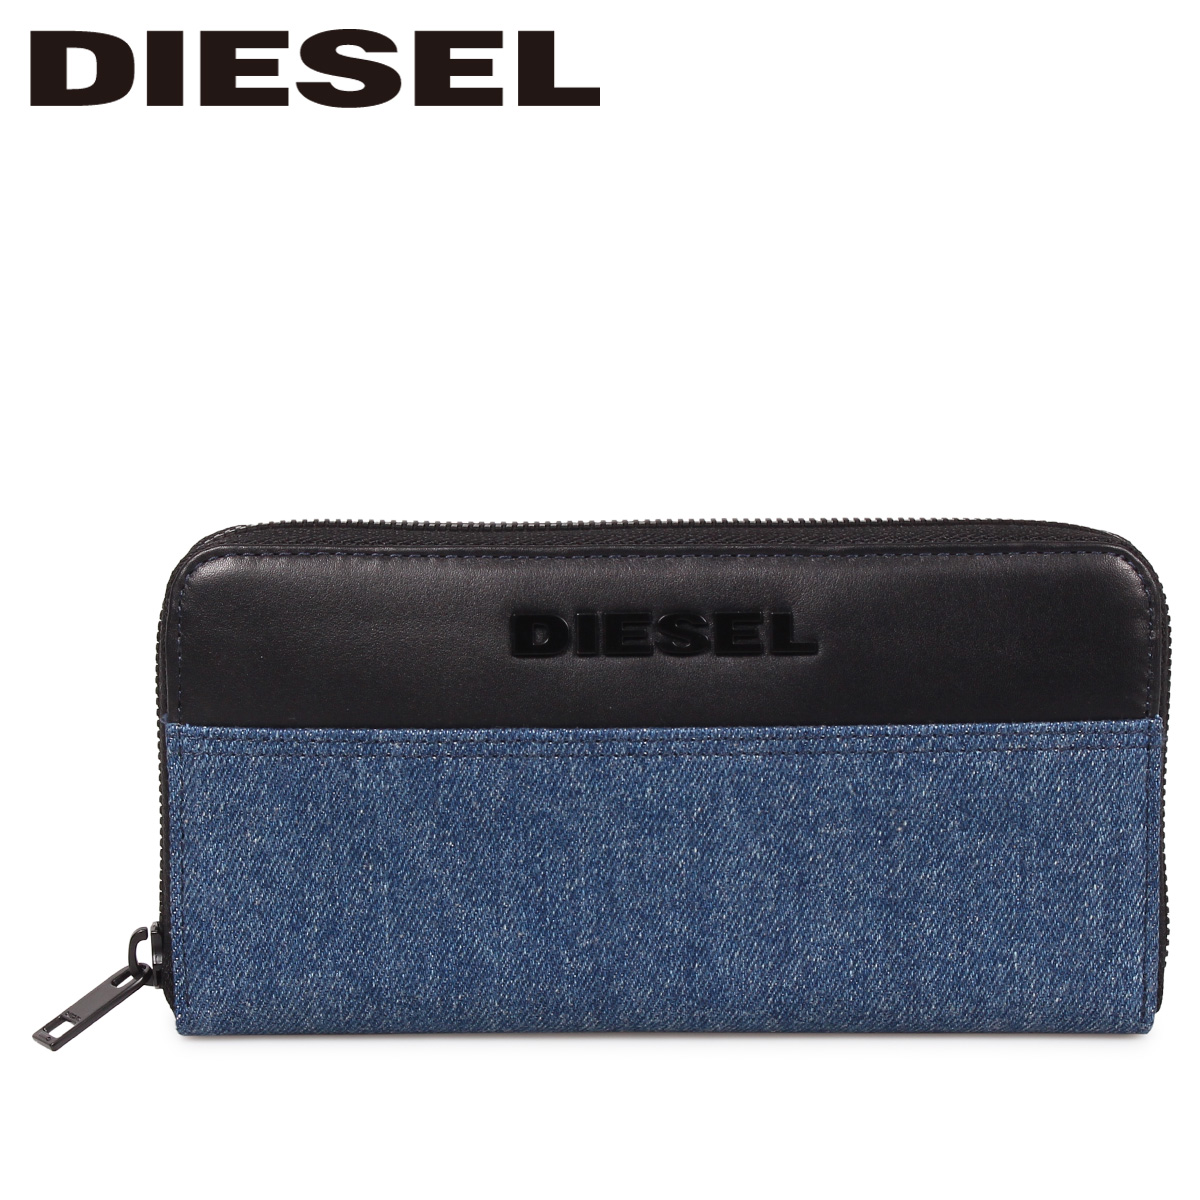 DIESEL 24 ZIP TOLLE ディーゼル 財布 長財布 メンズ ラウンドファスナー 本革 ブルー X06320 P2553